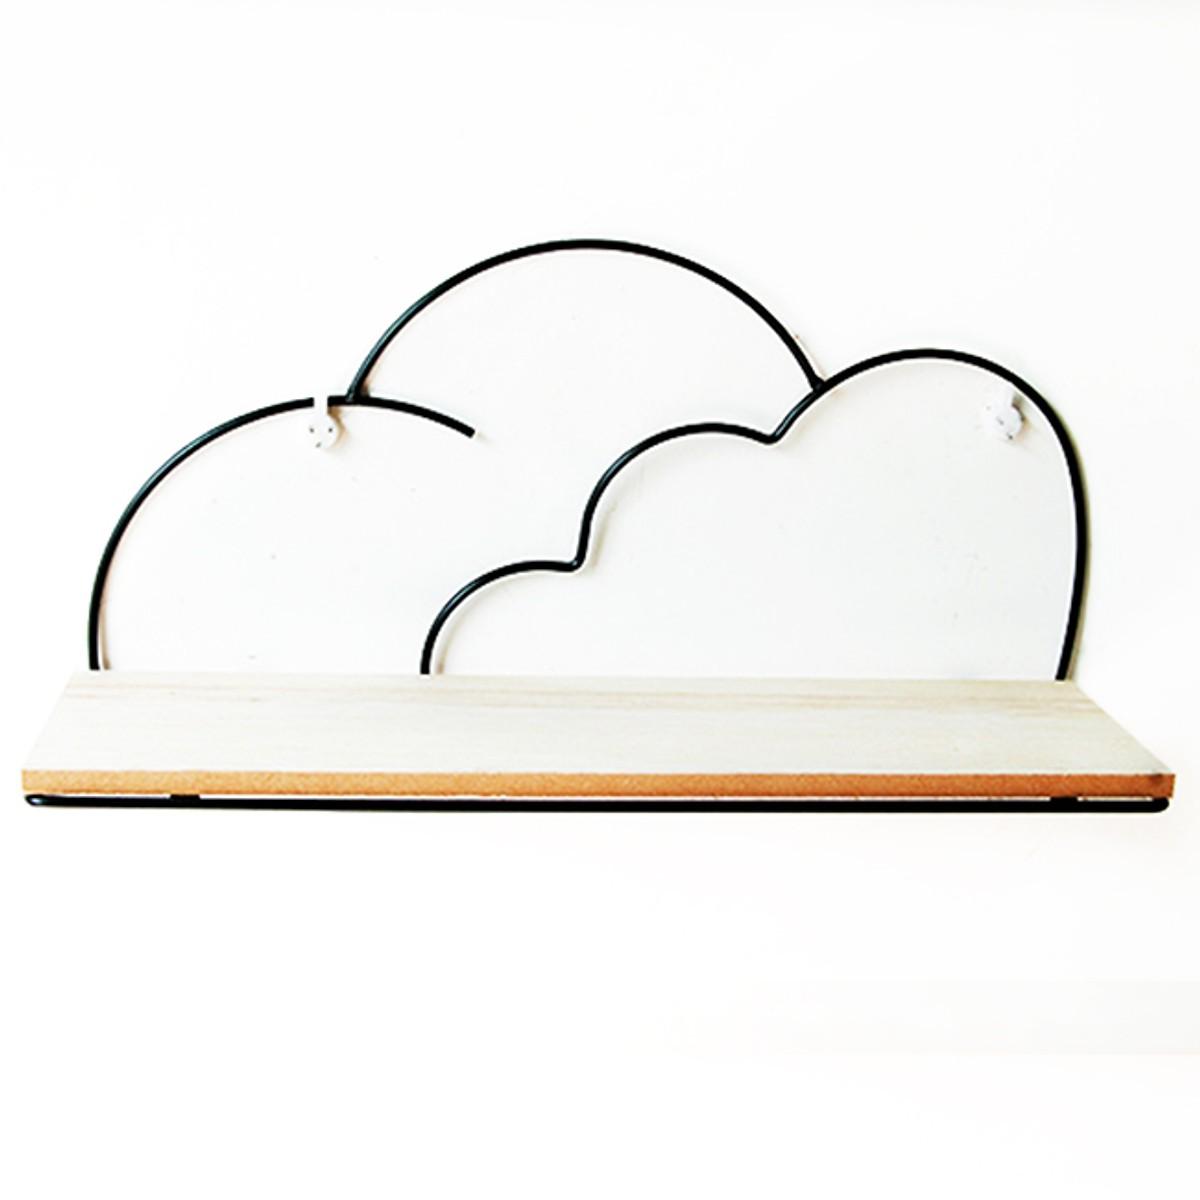 Giá gỗ trang trí treo tường viền kim loại hình đám mây